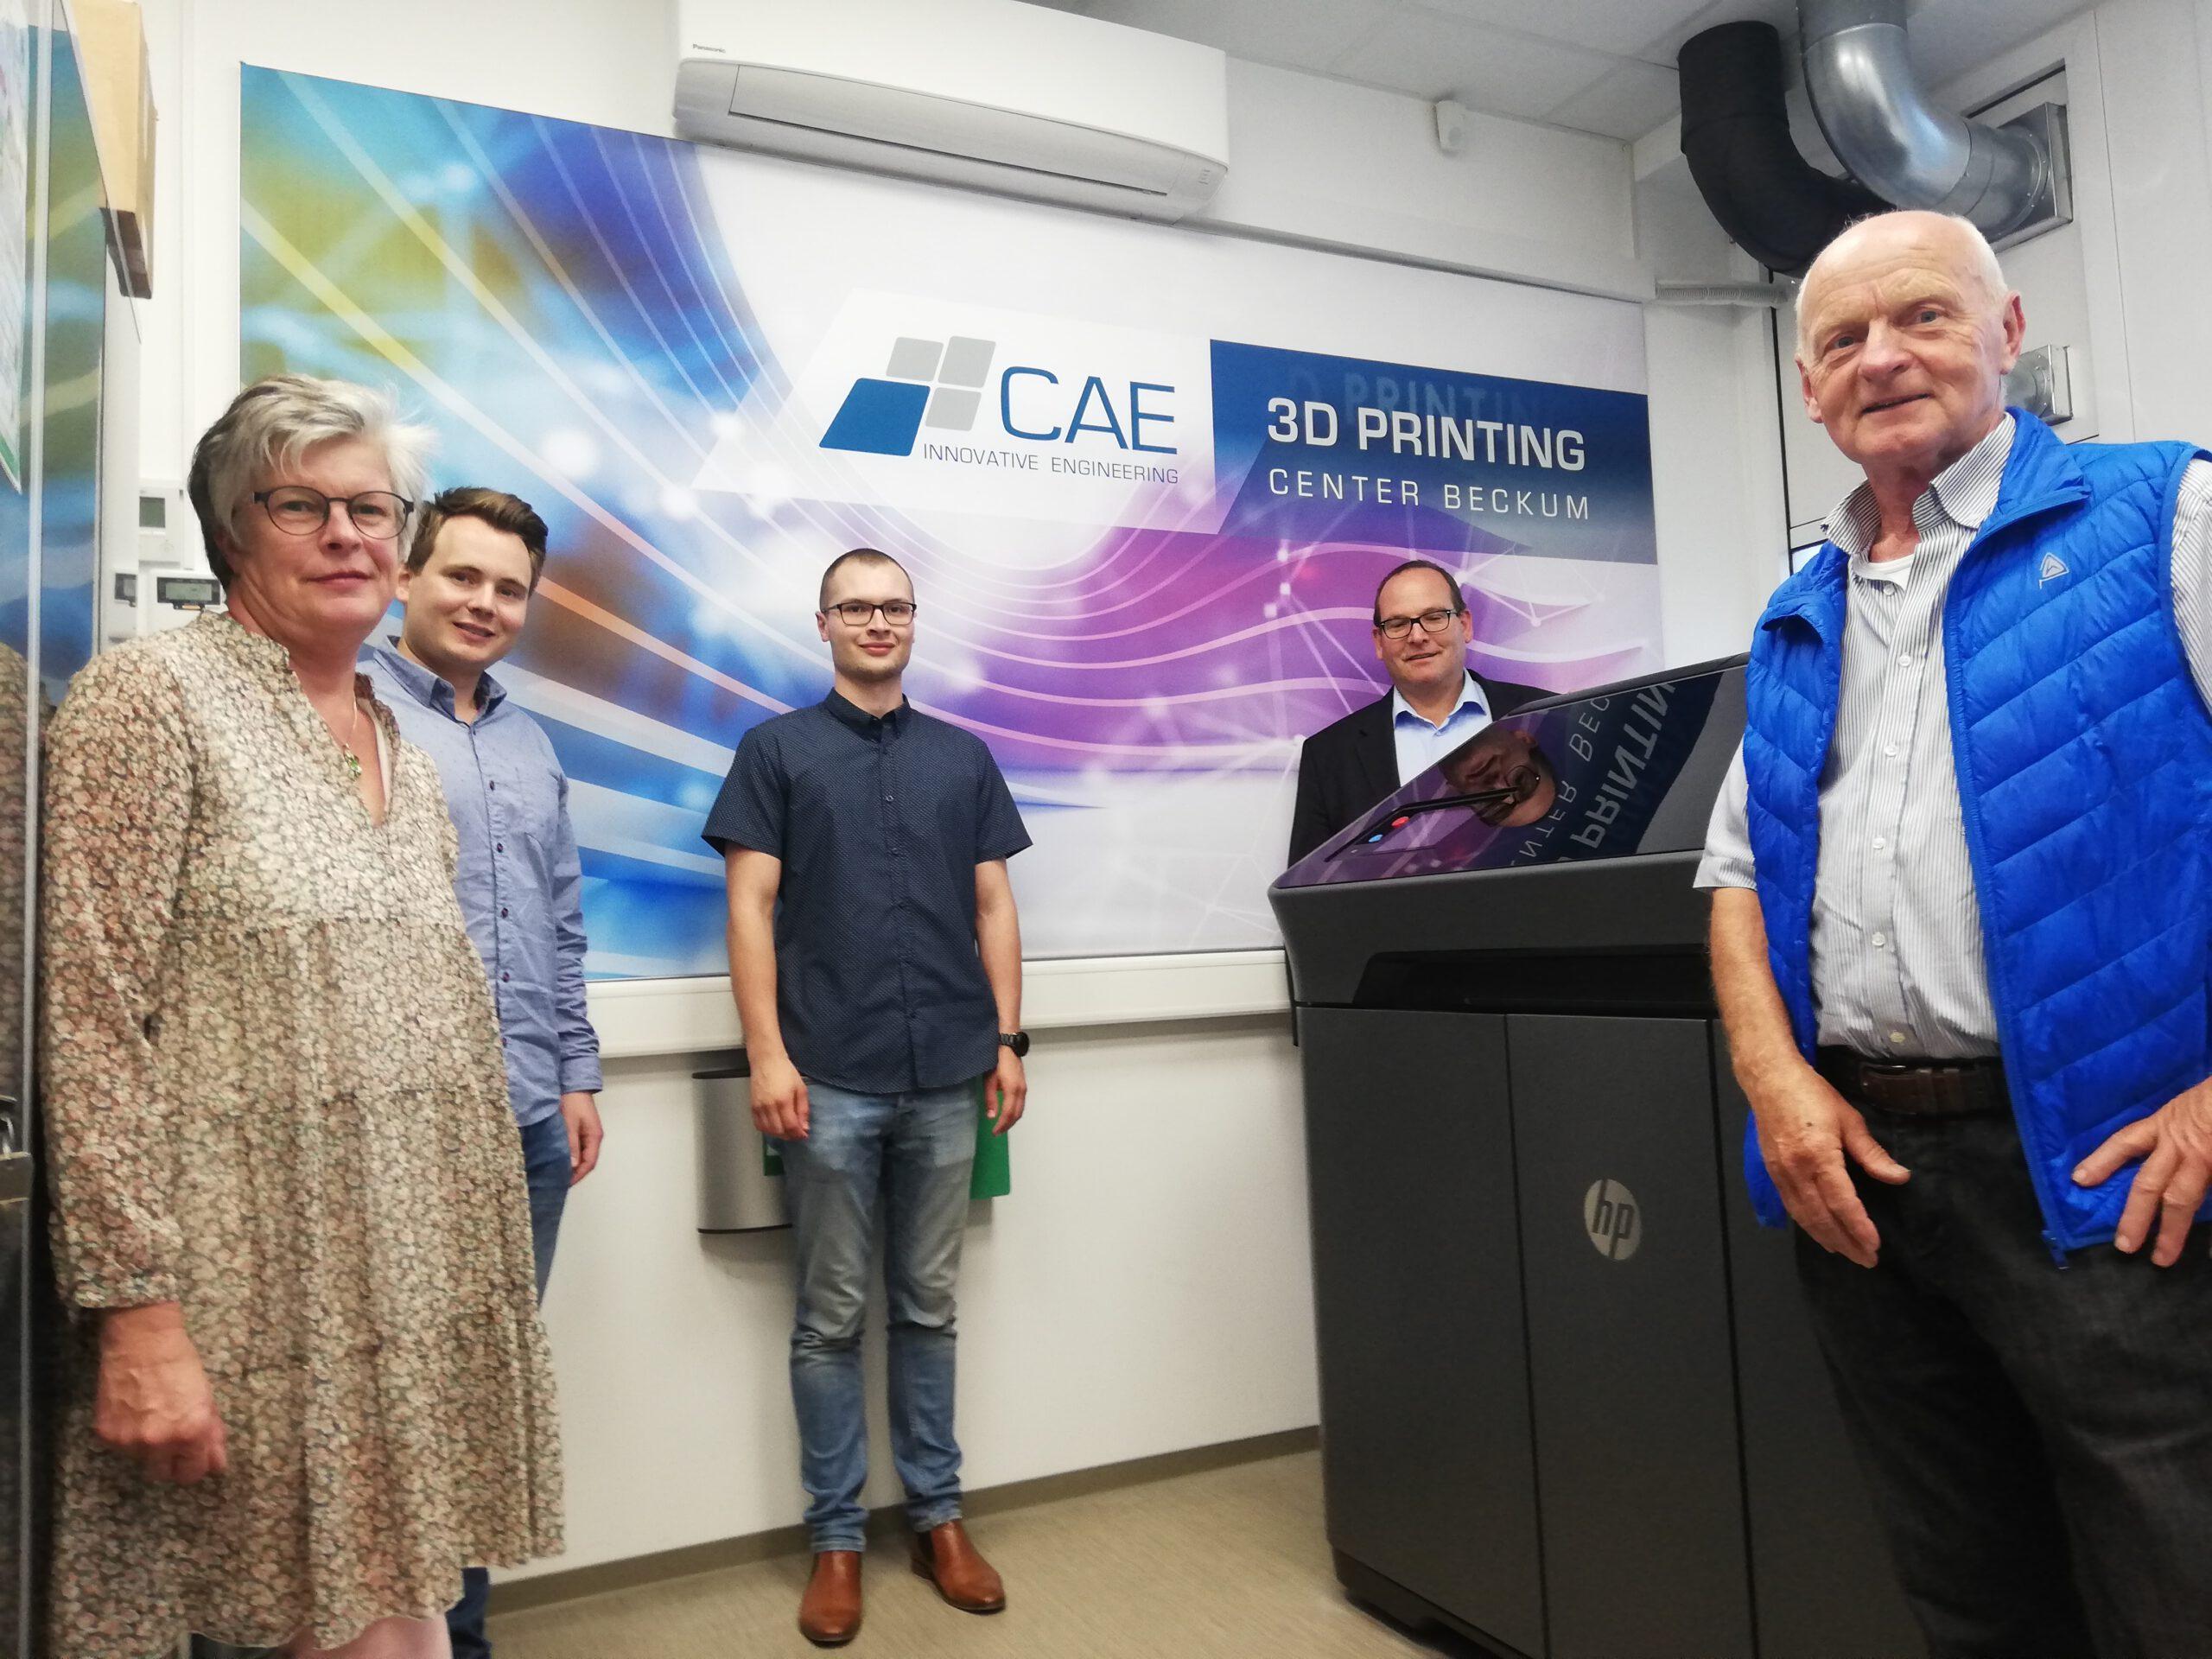 FWG vor Ort: Informationsbesuch bei der CAE in Beckum